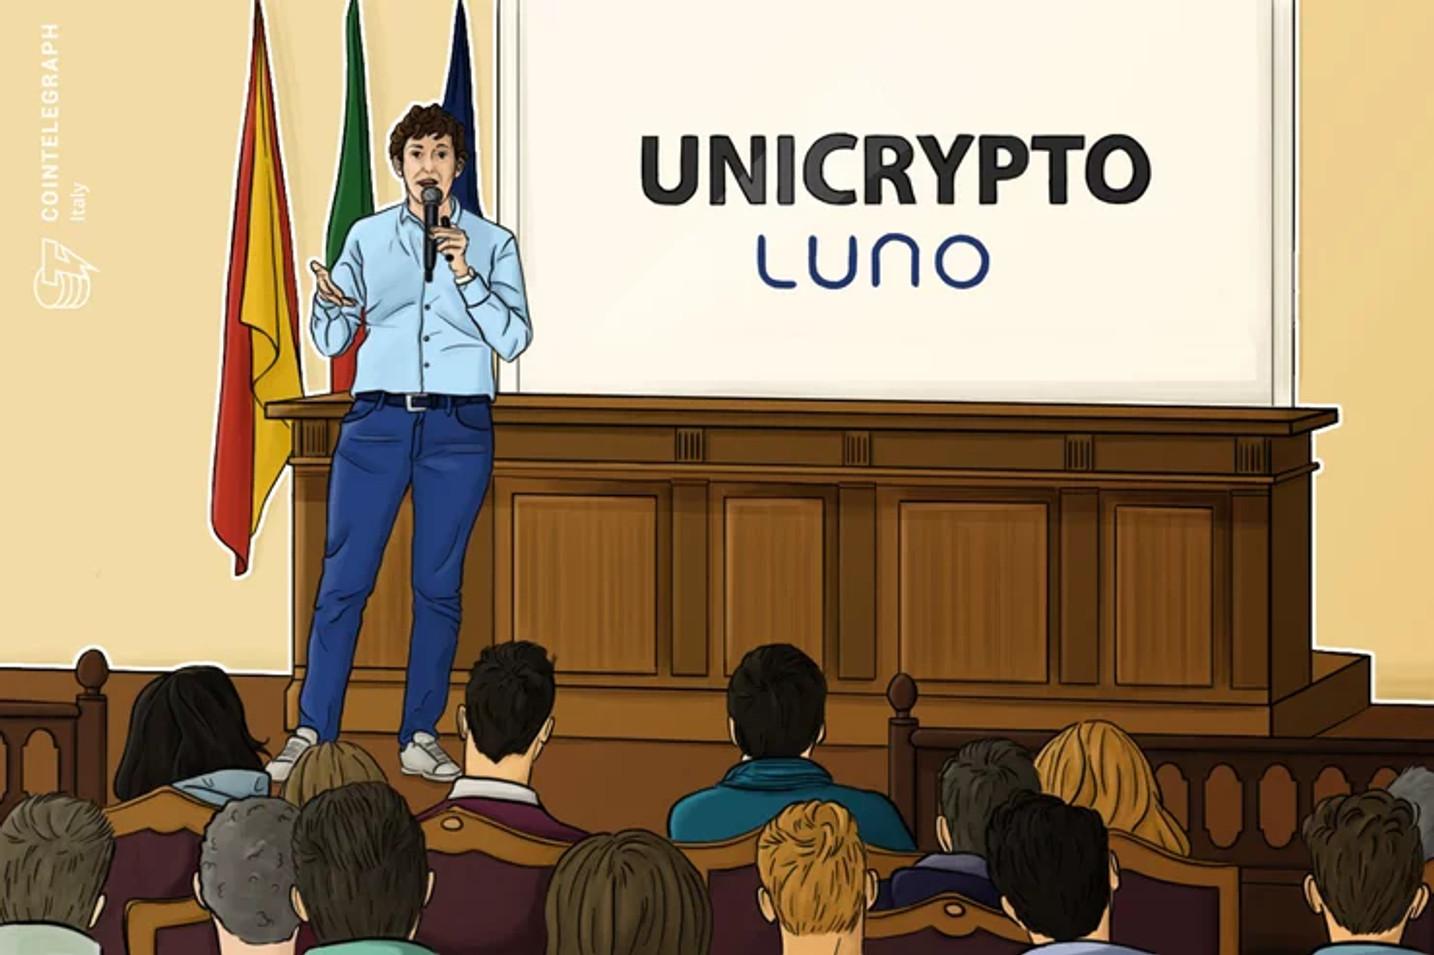 Il tour di lezioni sulle criptovalute Unicrypto arriva all'Università degli Studi di Firenze